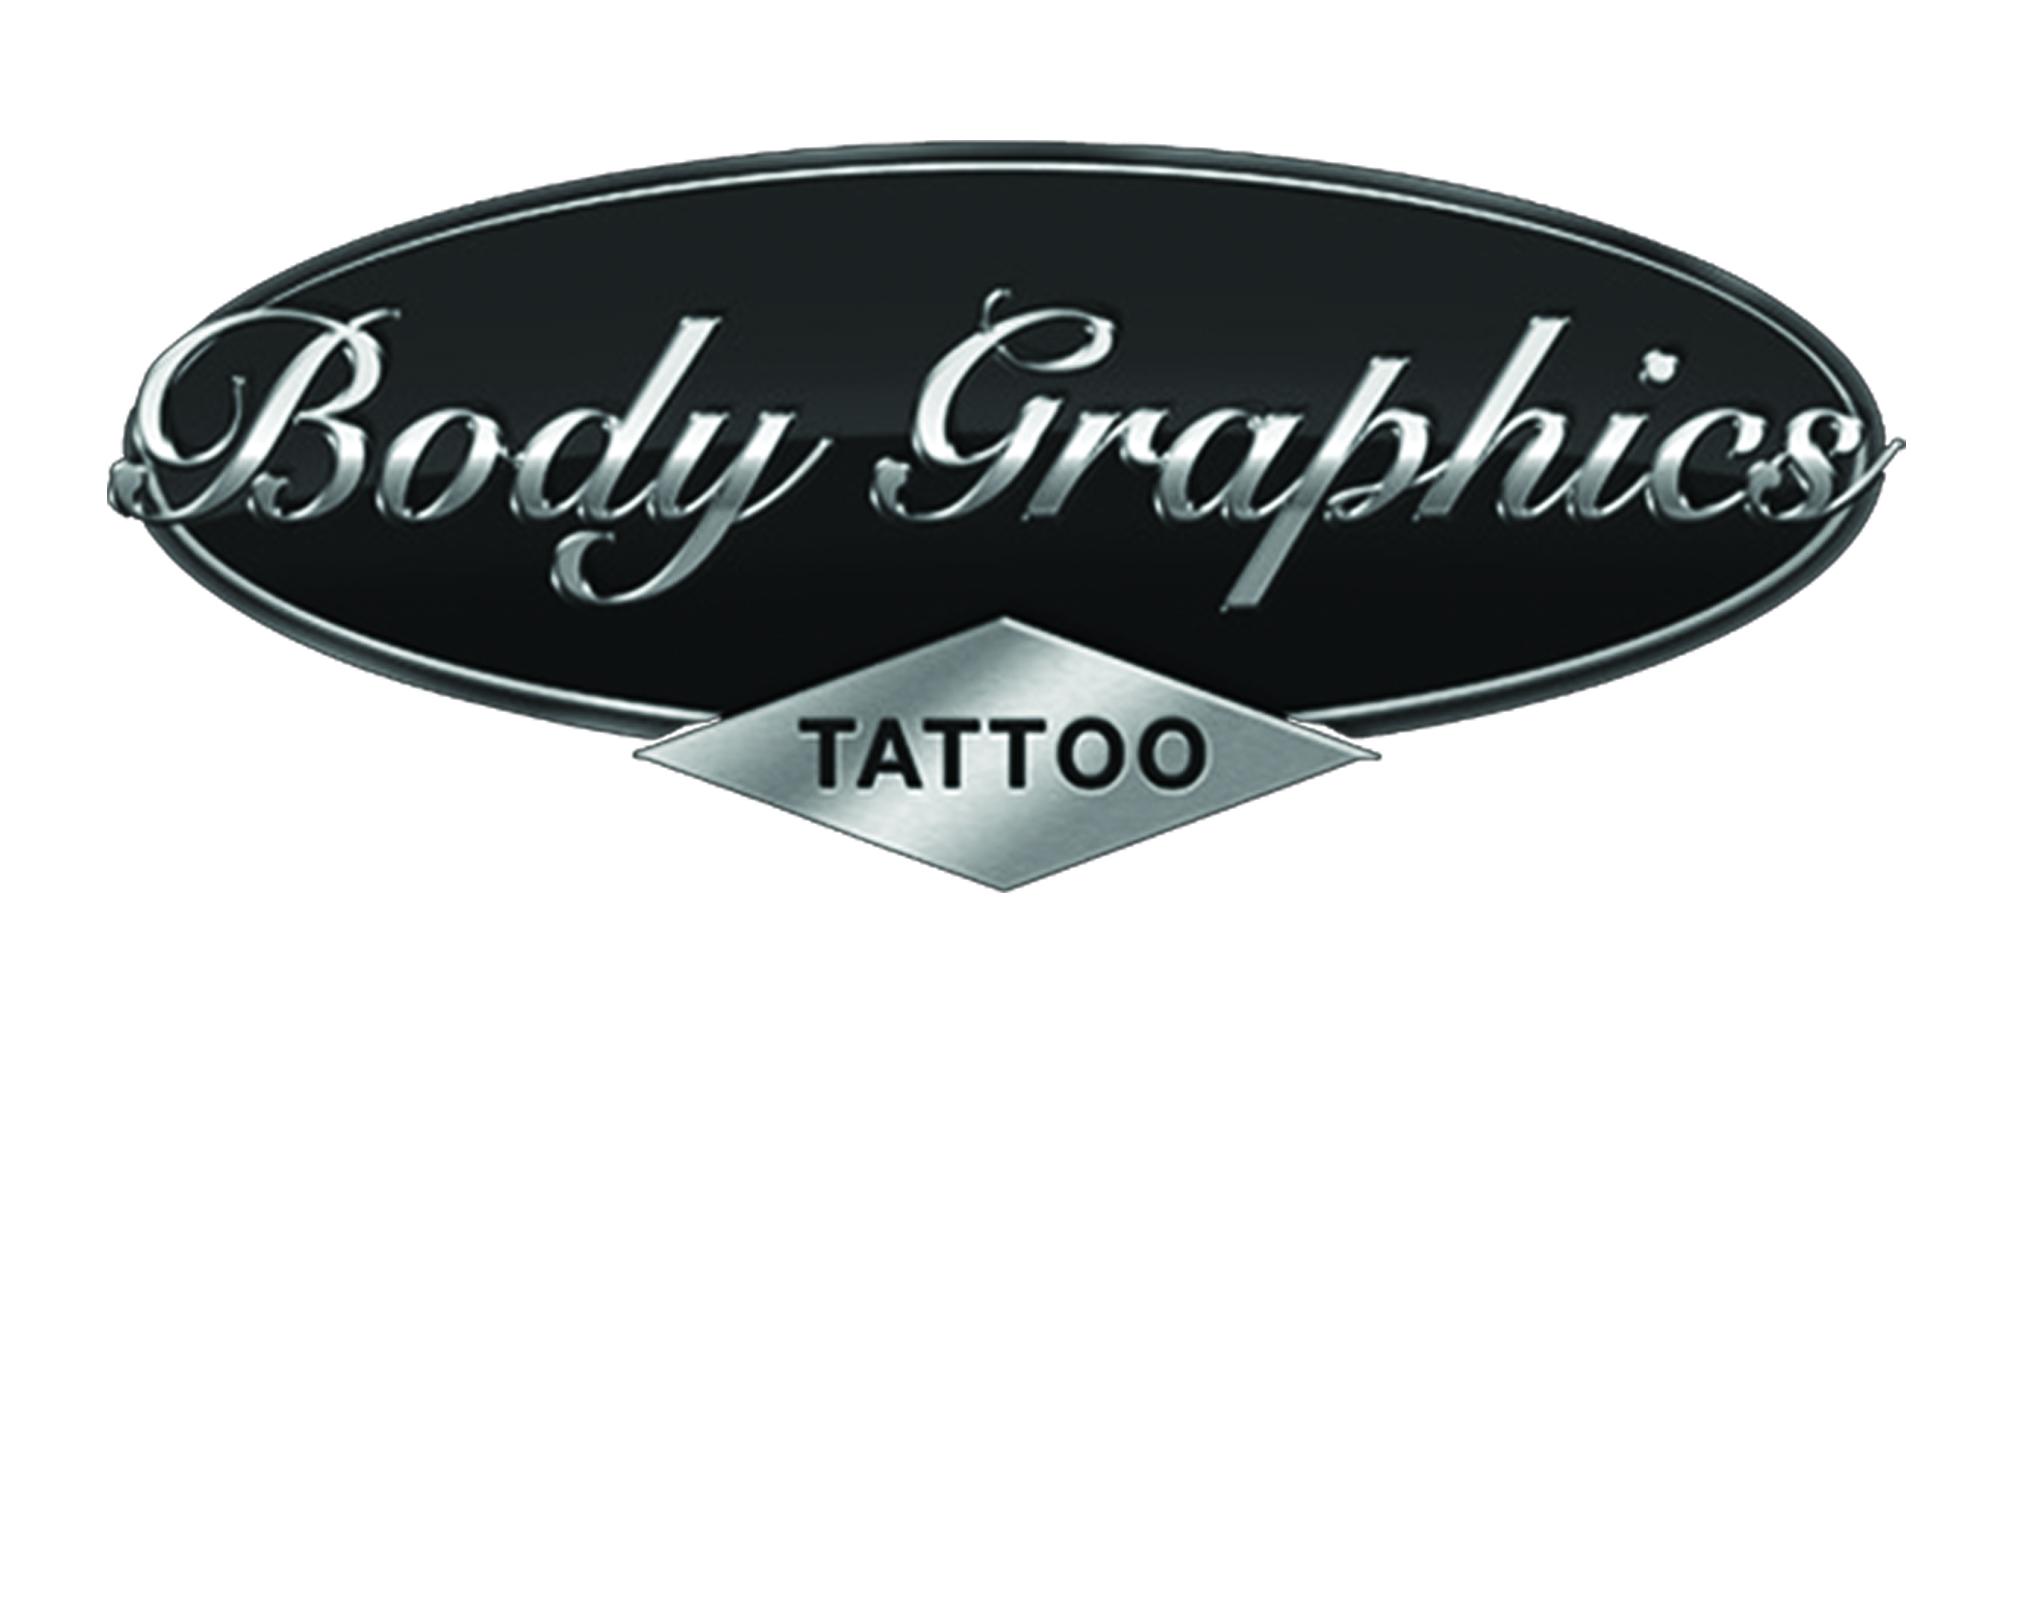 BodyGraphicsLogo.jpg